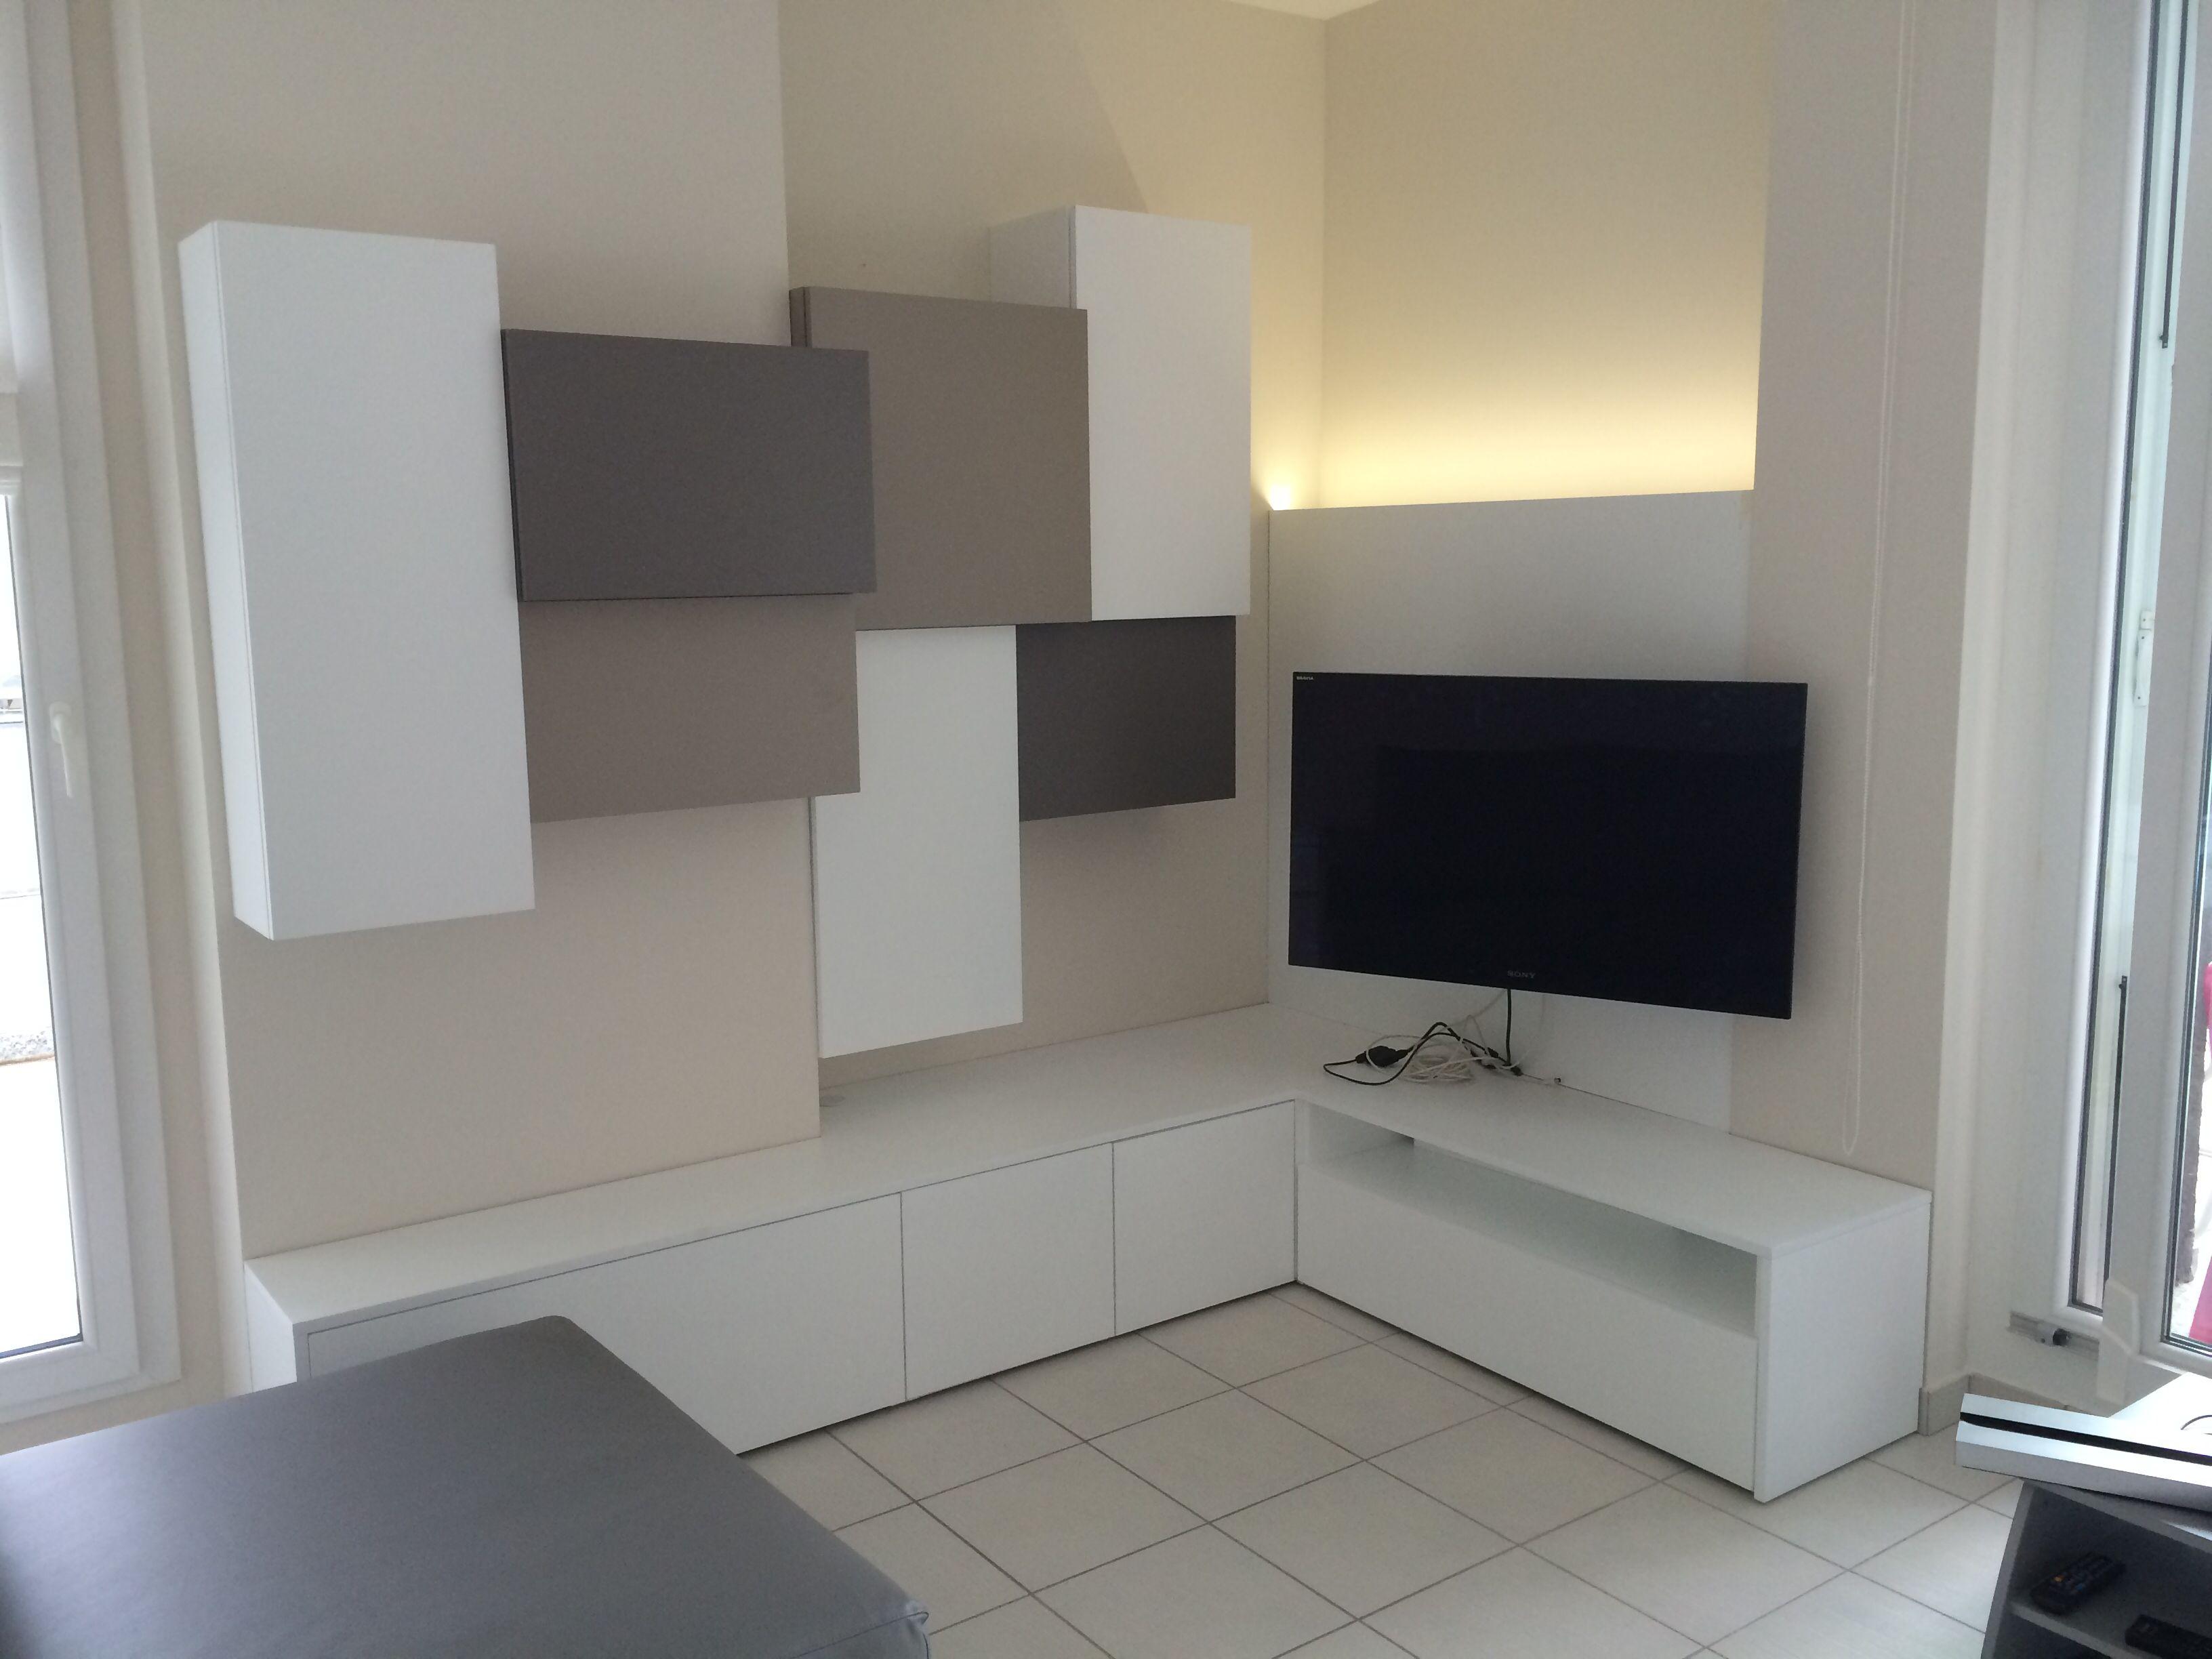 Photo of Soggiorno laccato realizzato su progetto design